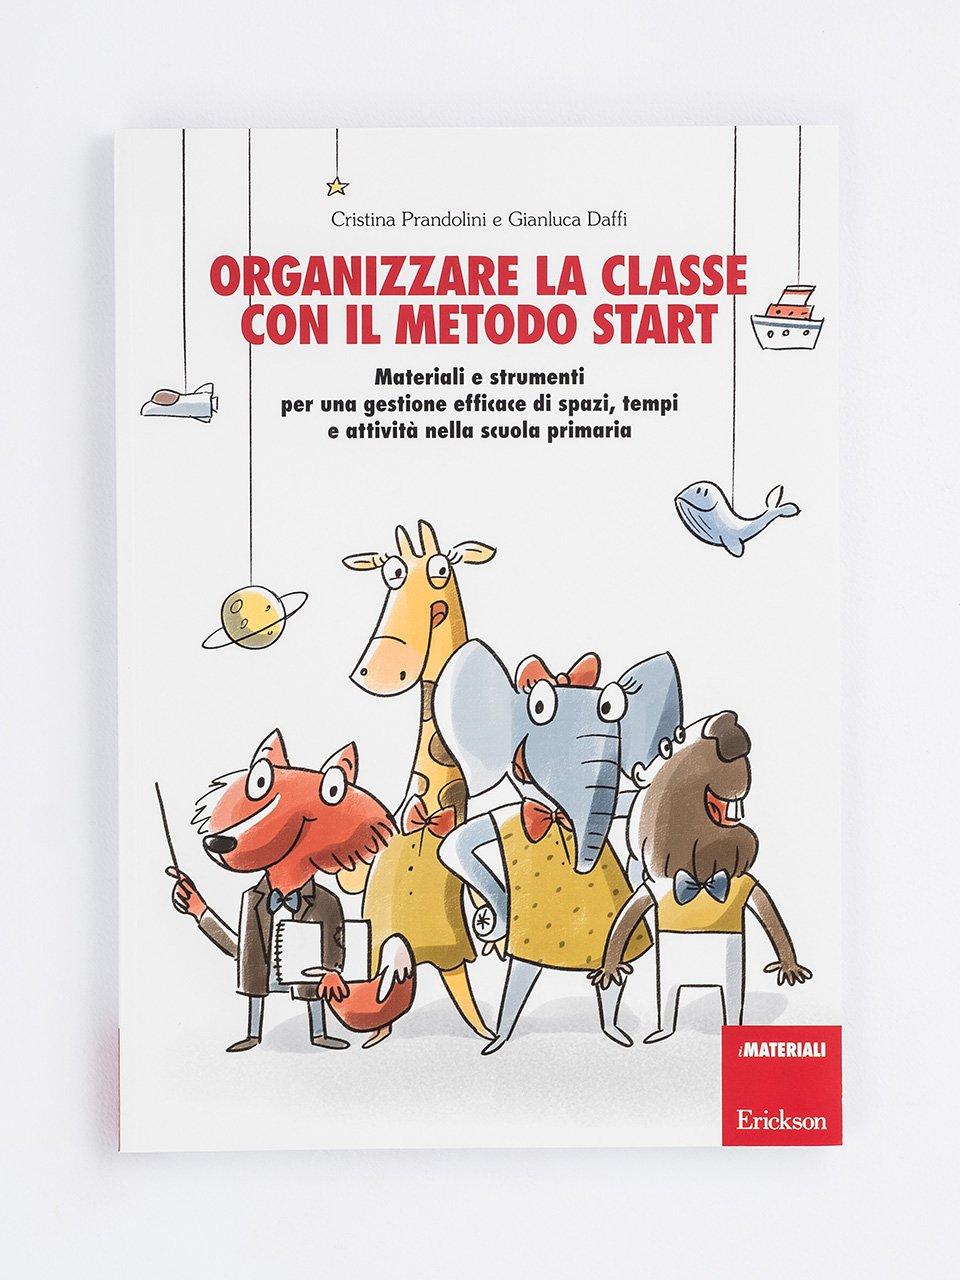 Organizzare la classe con il metodo START - 99 idee per fare esercizi in classe - Libri - Erickson